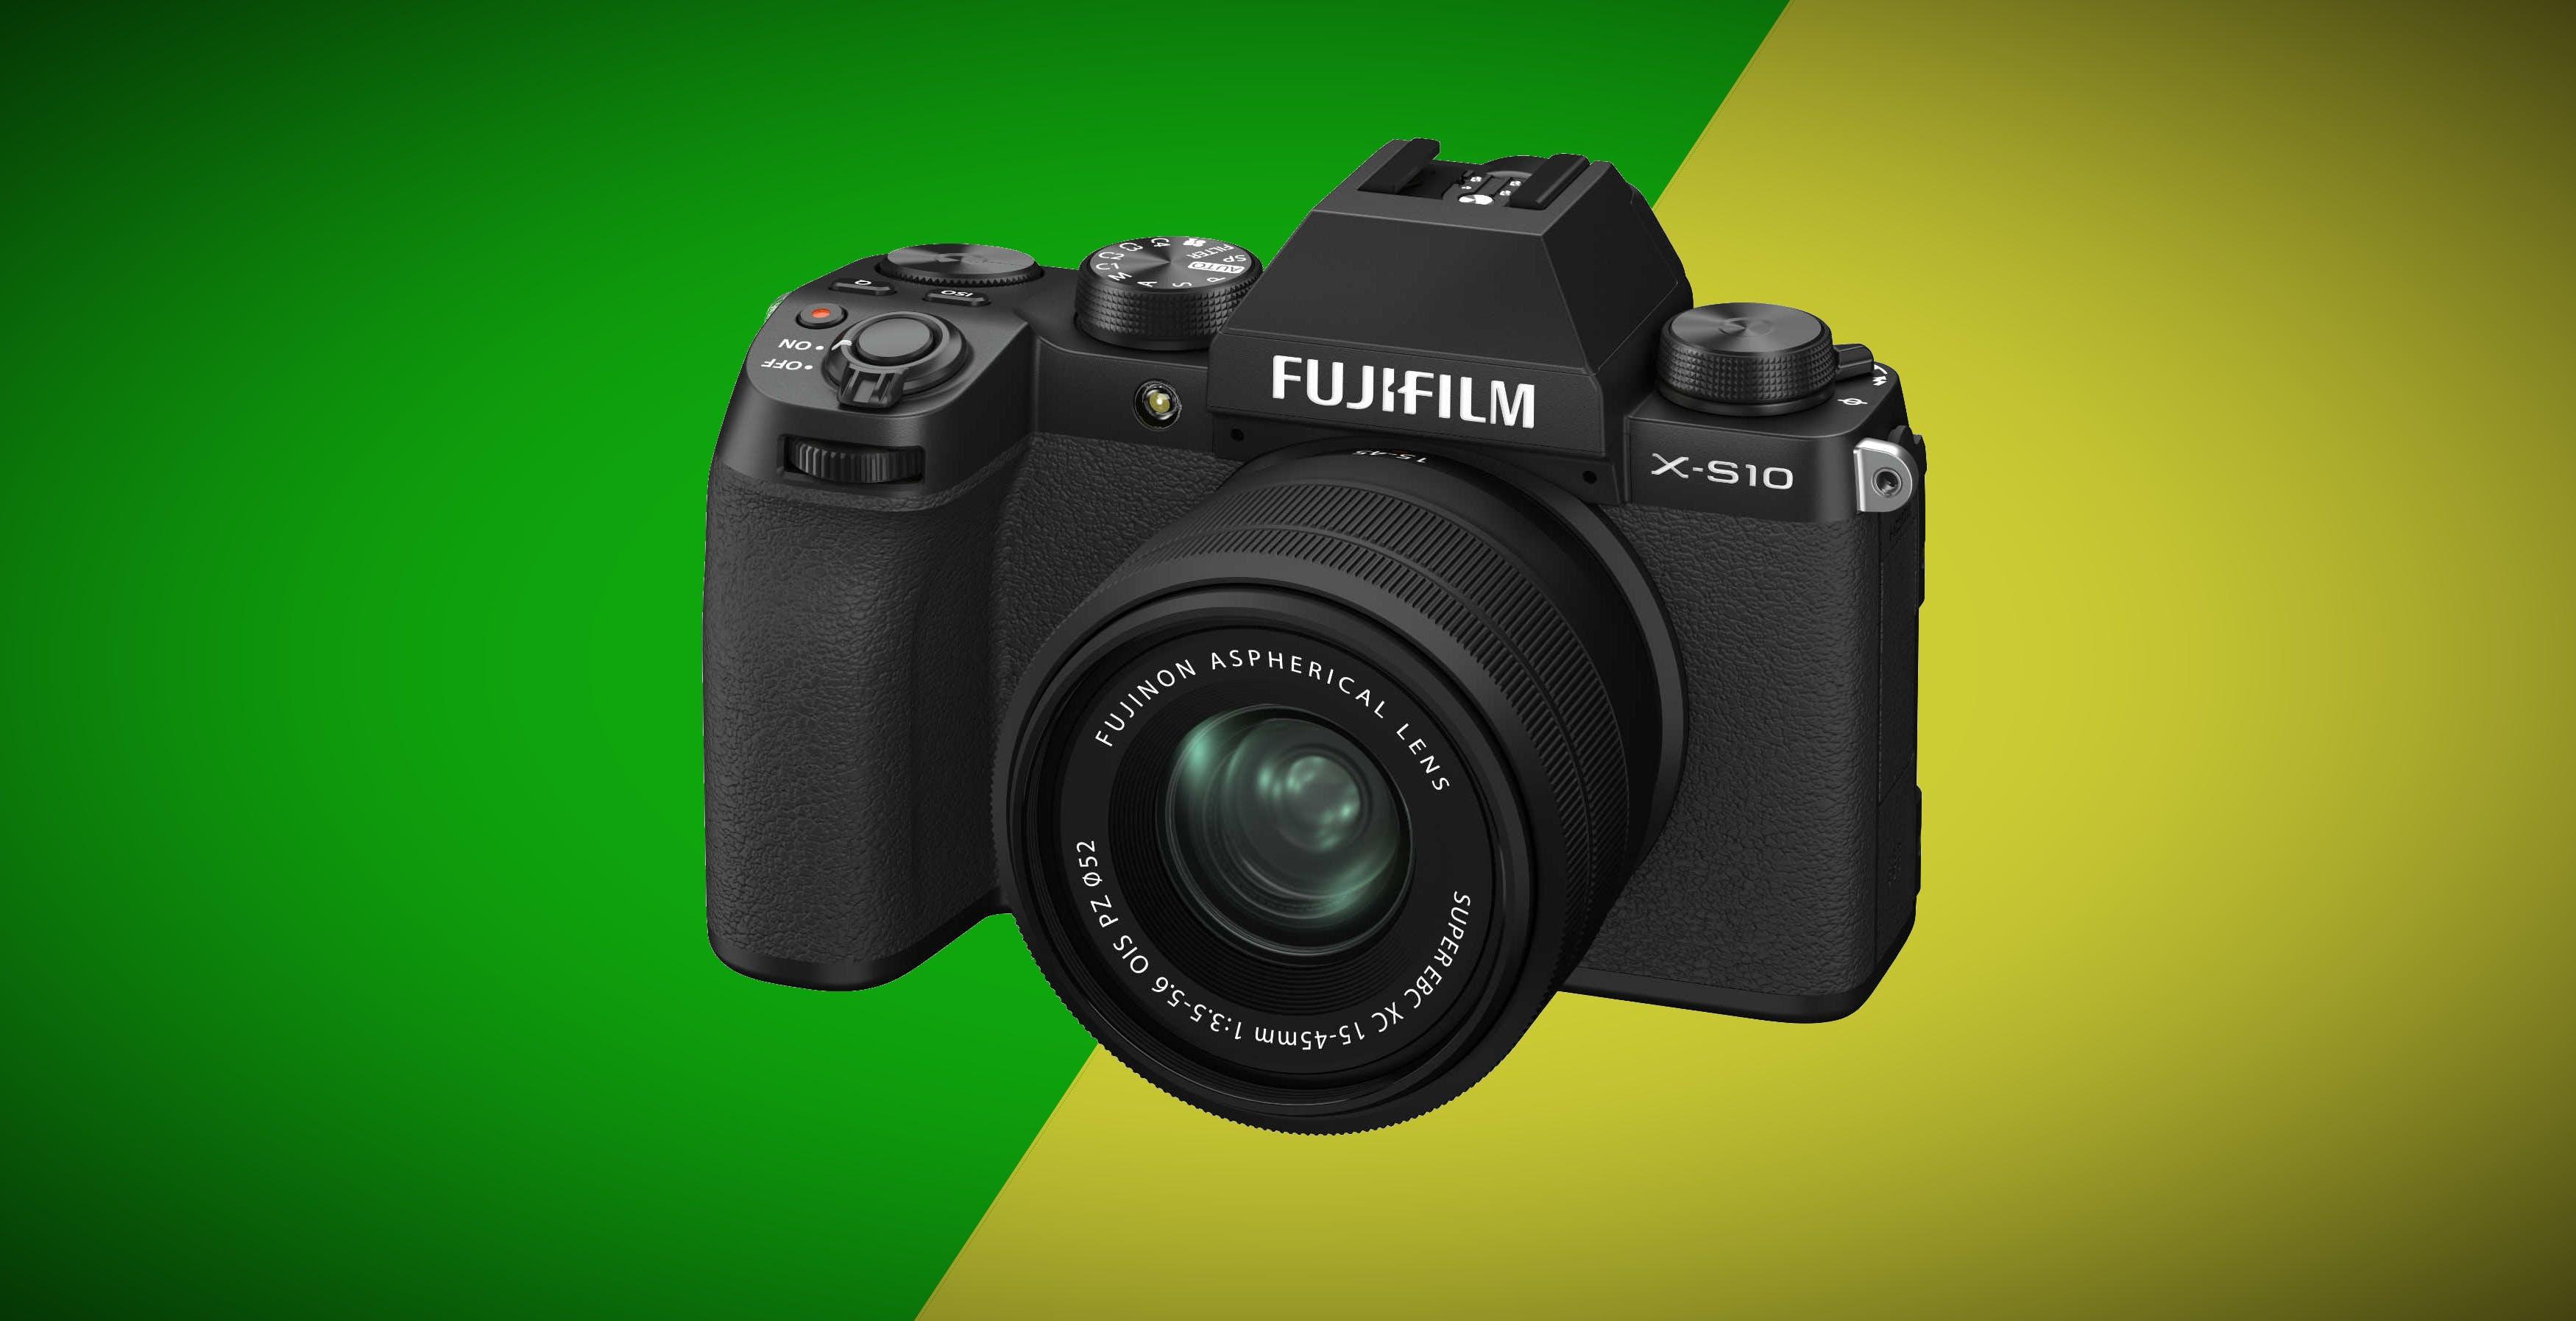 Ecco Fujifilm X-S10, leggerissima, facile da usare e con stabilizzatore sul sensore